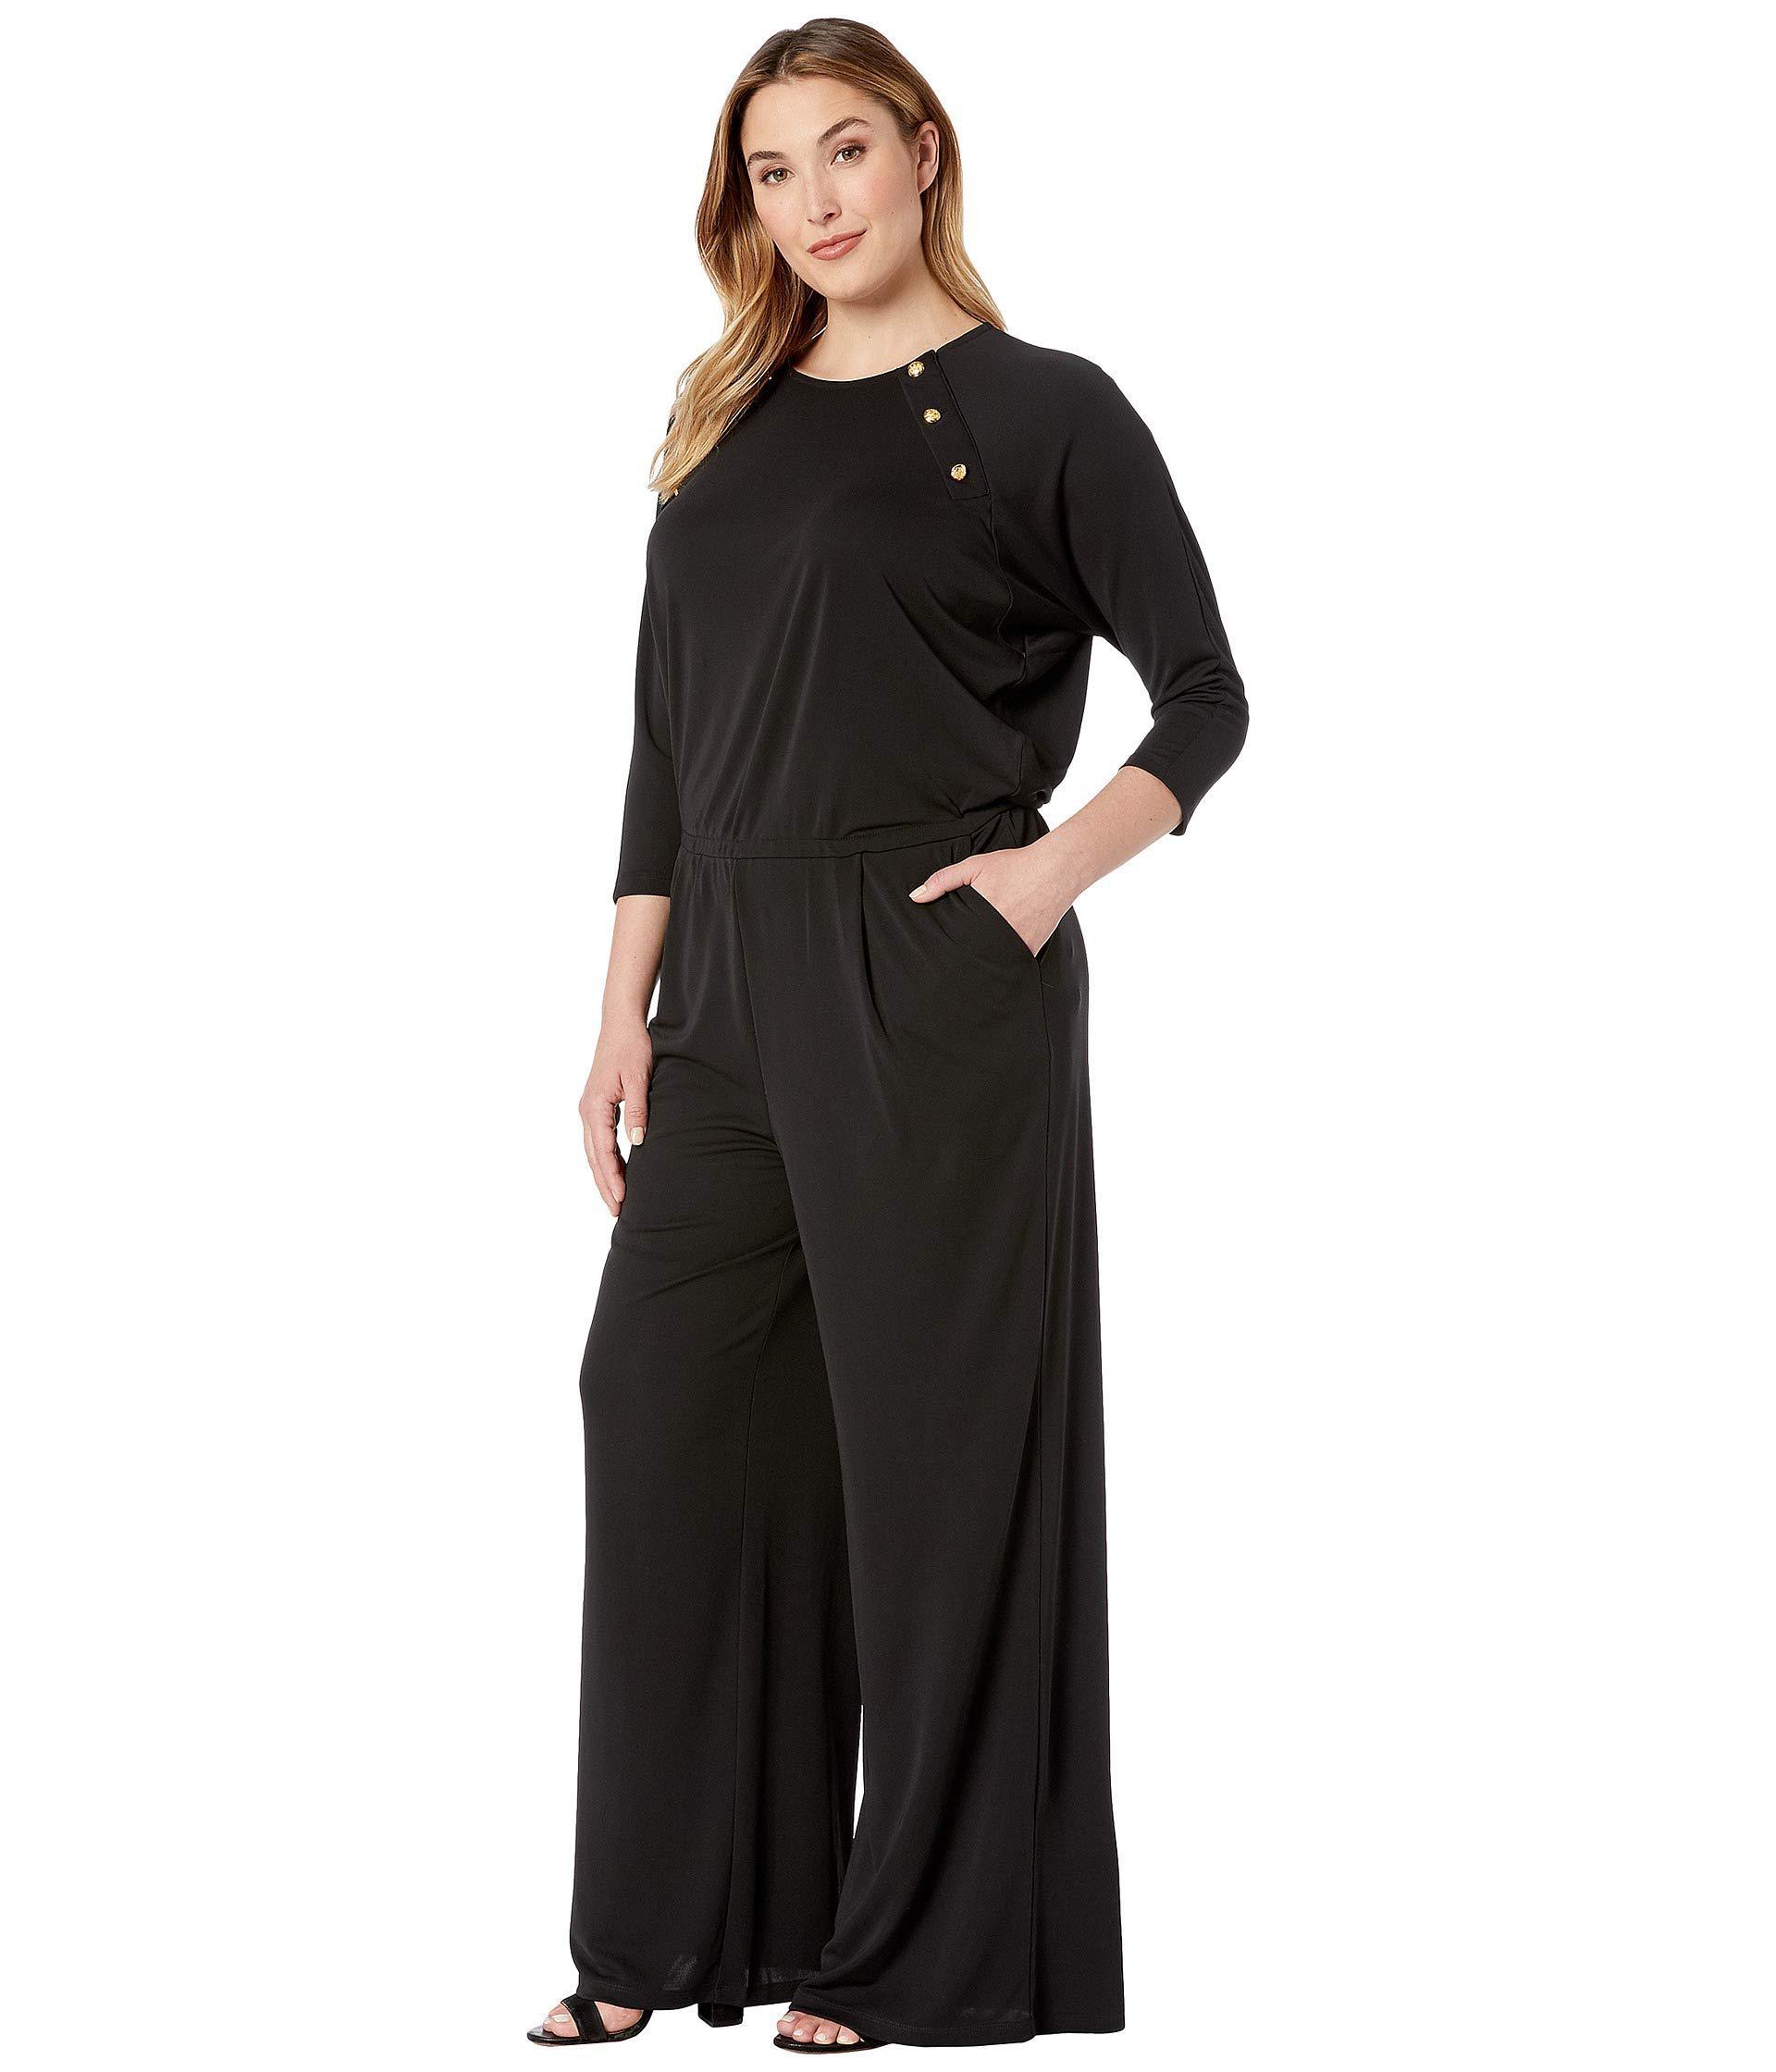 698ec56307ac Lyst - Lauren by Ralph Lauren Plus Size Rivet-trim Jersey Jumpsuit (polo  Black) Women s Jumpsuit   Rompers One Piece in Black